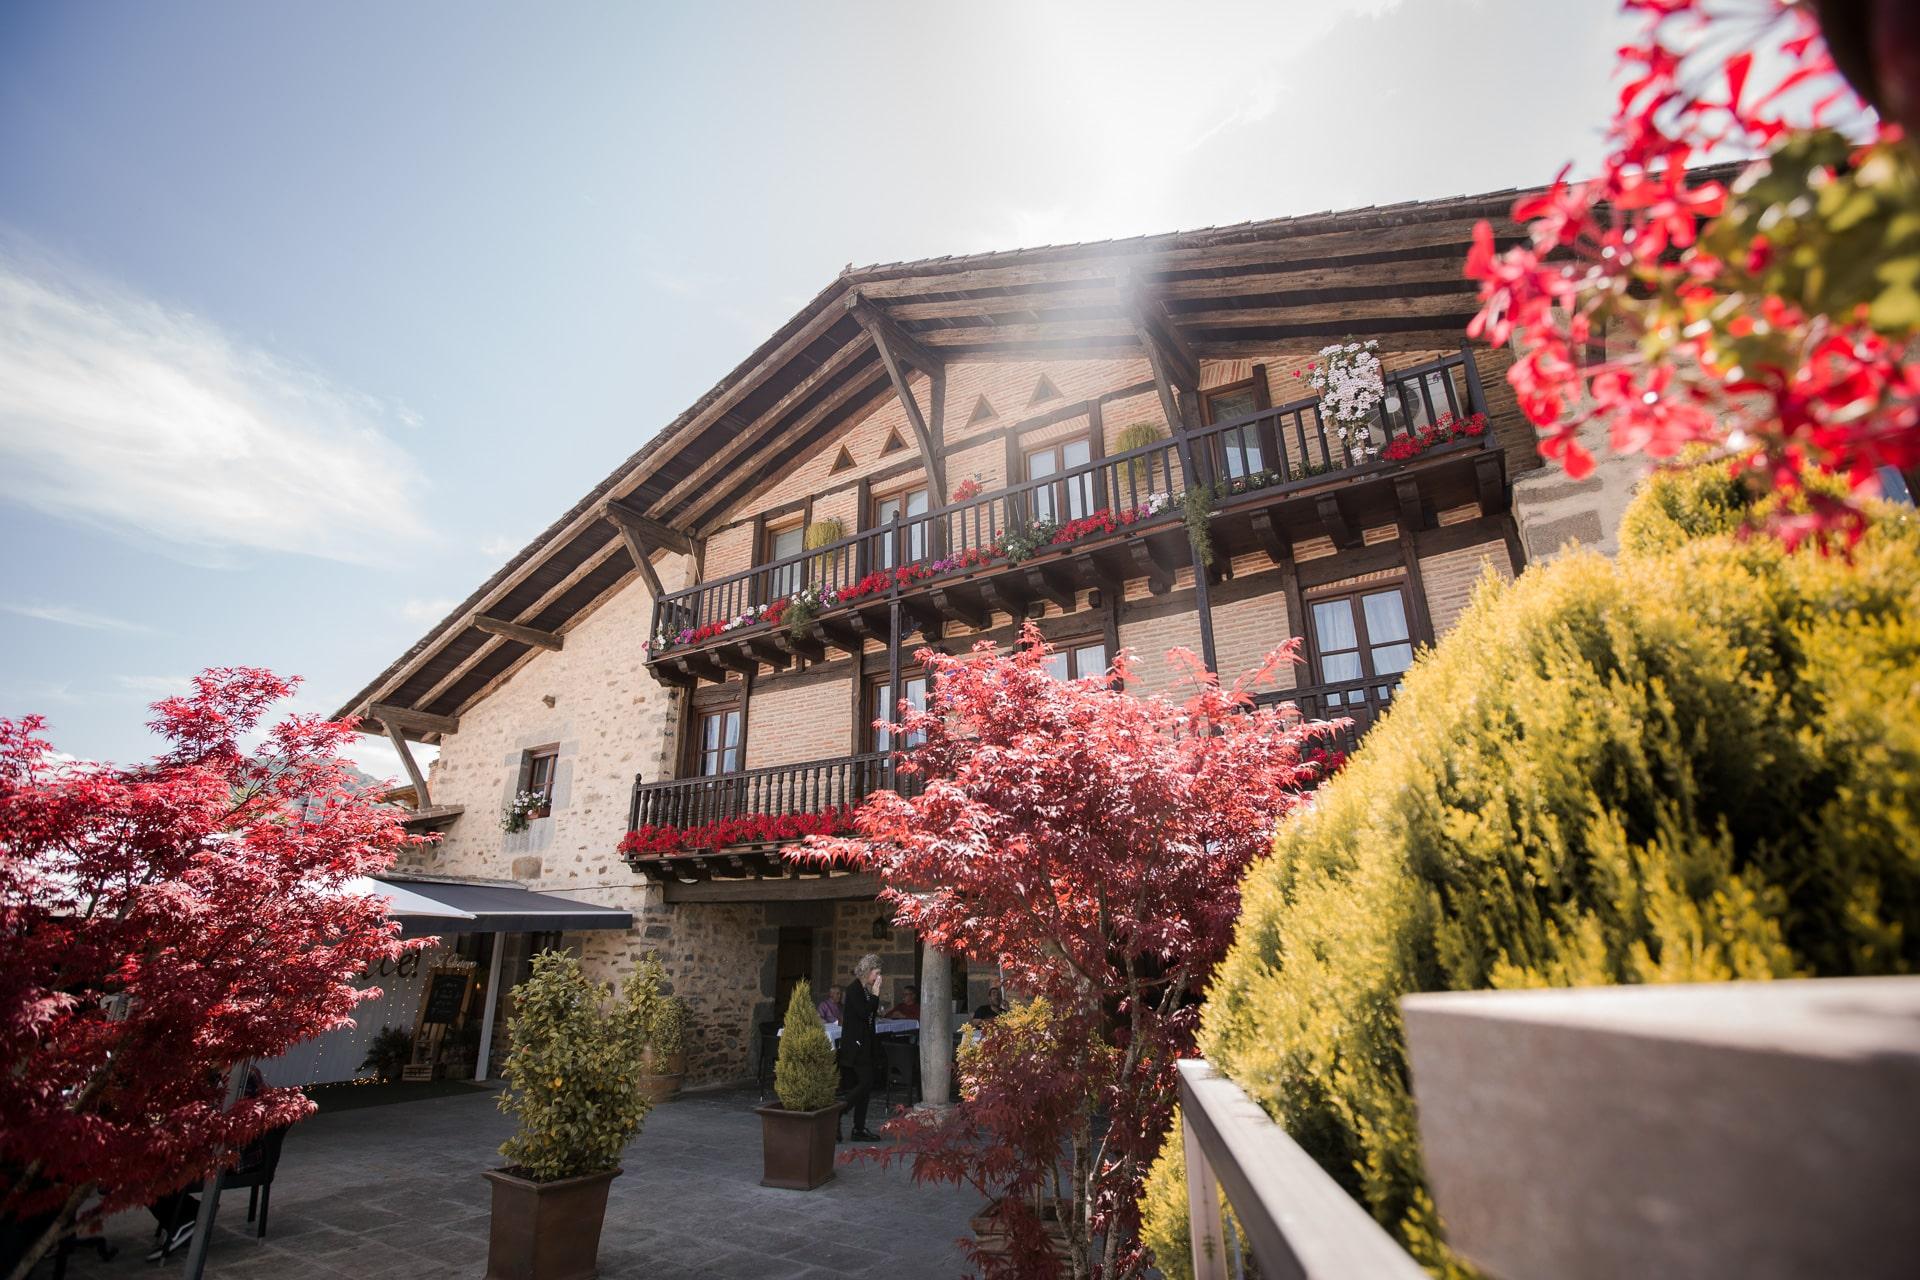 restaurante_bideko-exteriores-terraza-cocina_tradicional_vasca-restaurantes_vizcaya-restaurantes_alava-comer_en_euskadi-bideko-amurrio-lezama (41)